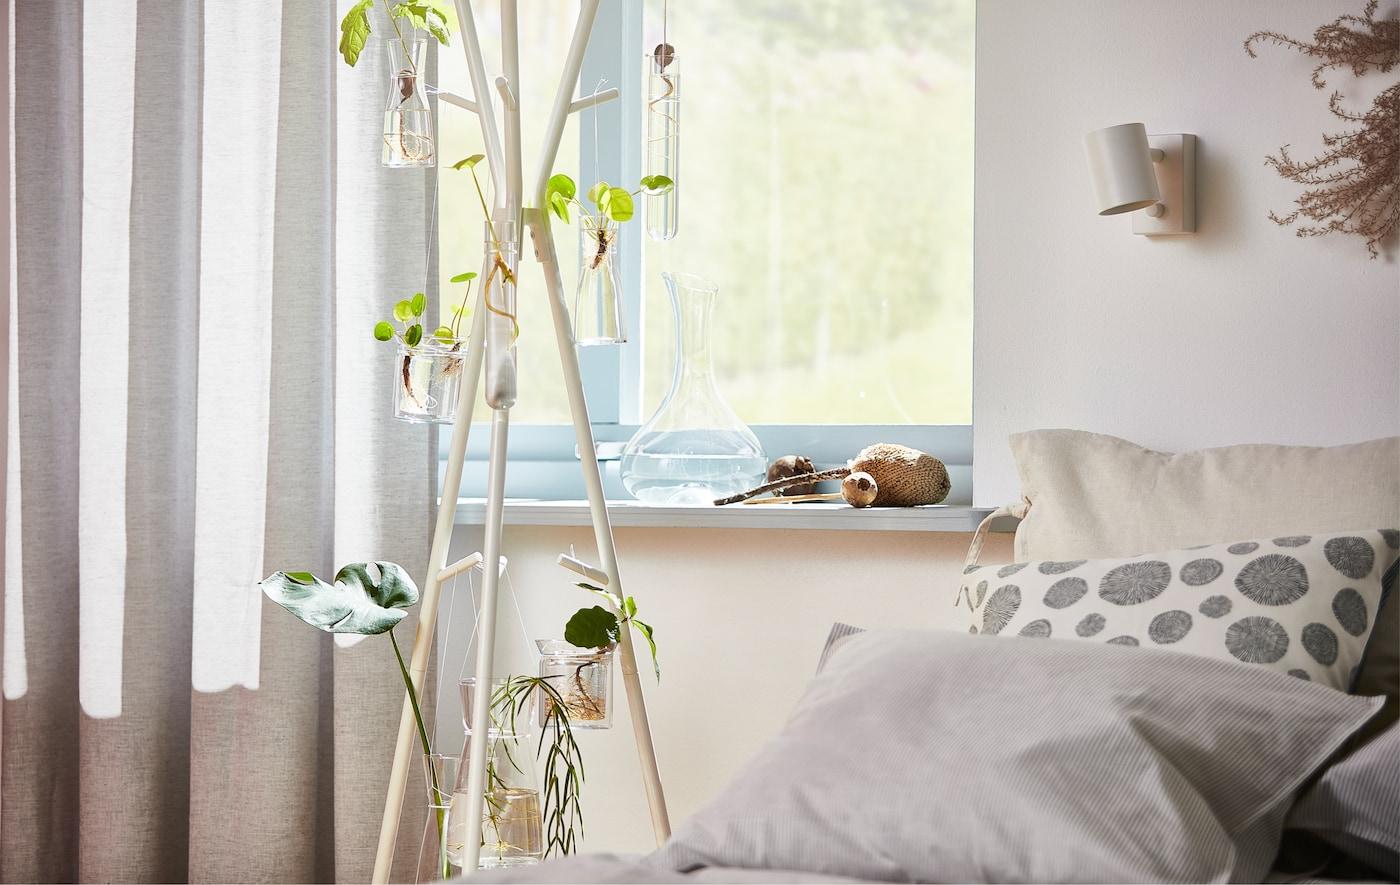 EKRAR Garderobenständer geschmückt mit kleinen Pflanzensetzlingen